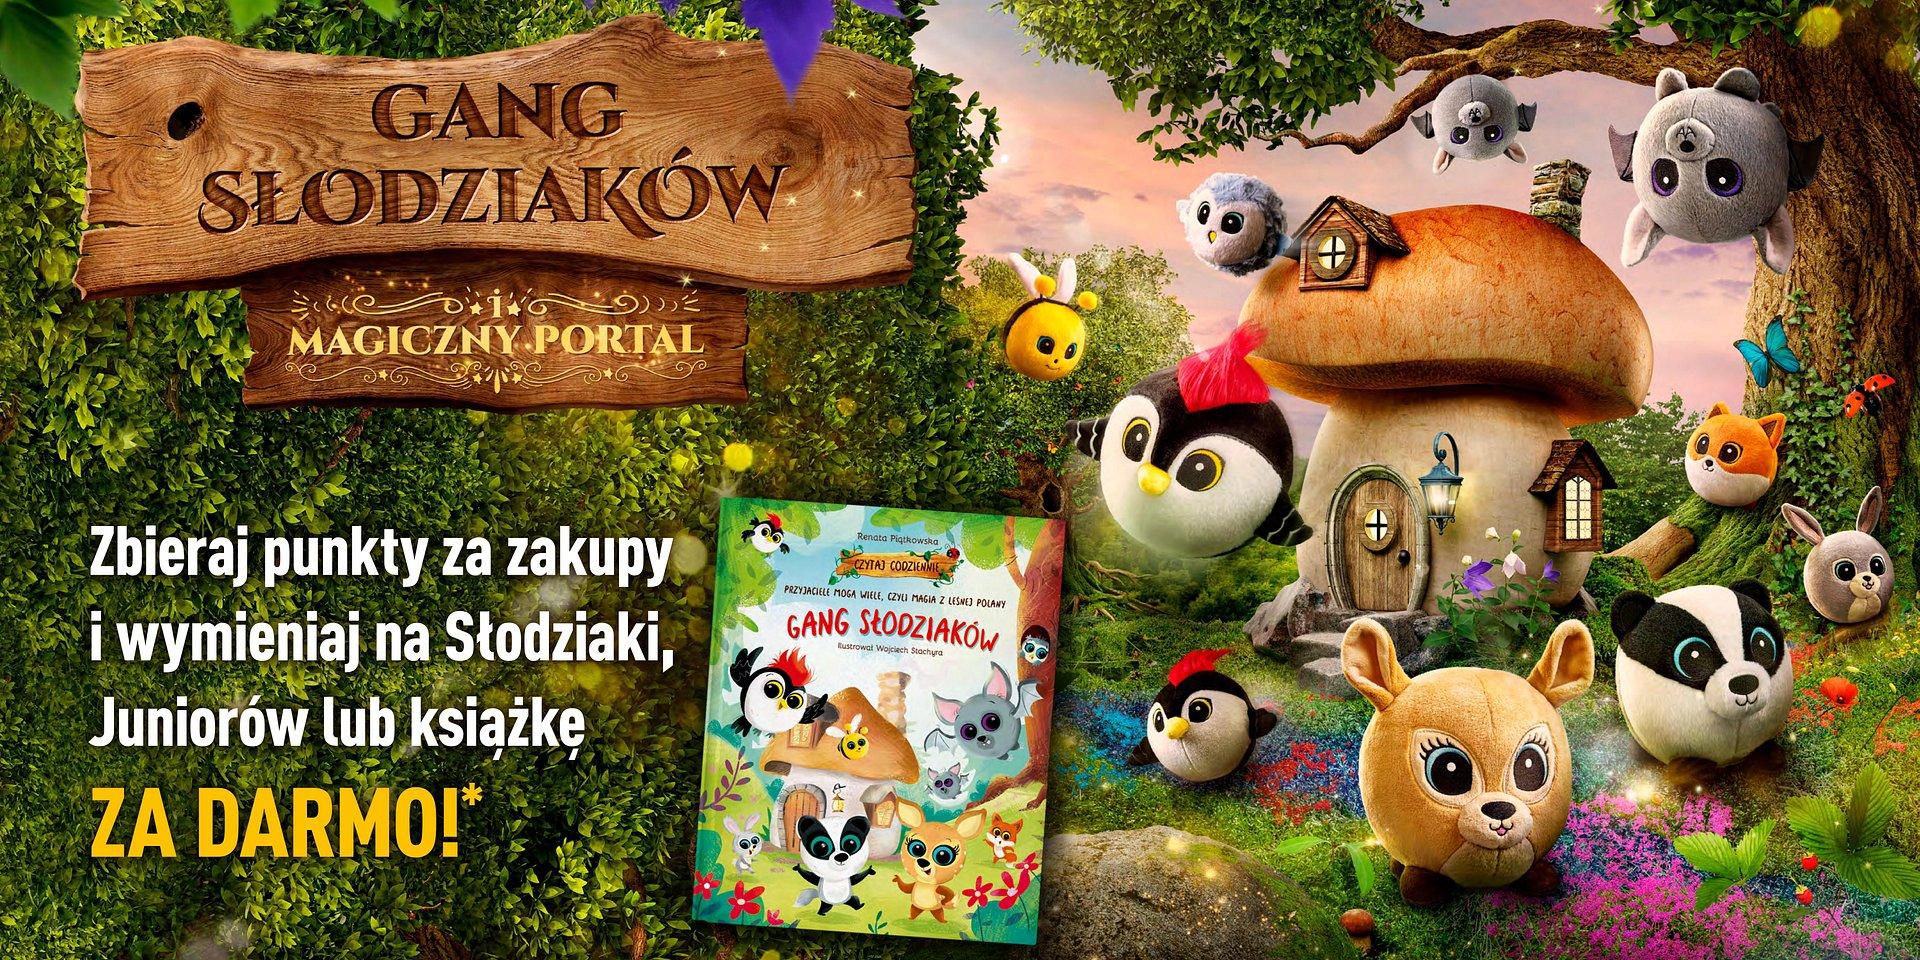 Gang Słodziaków z magicznej polany prosto do Biedronki